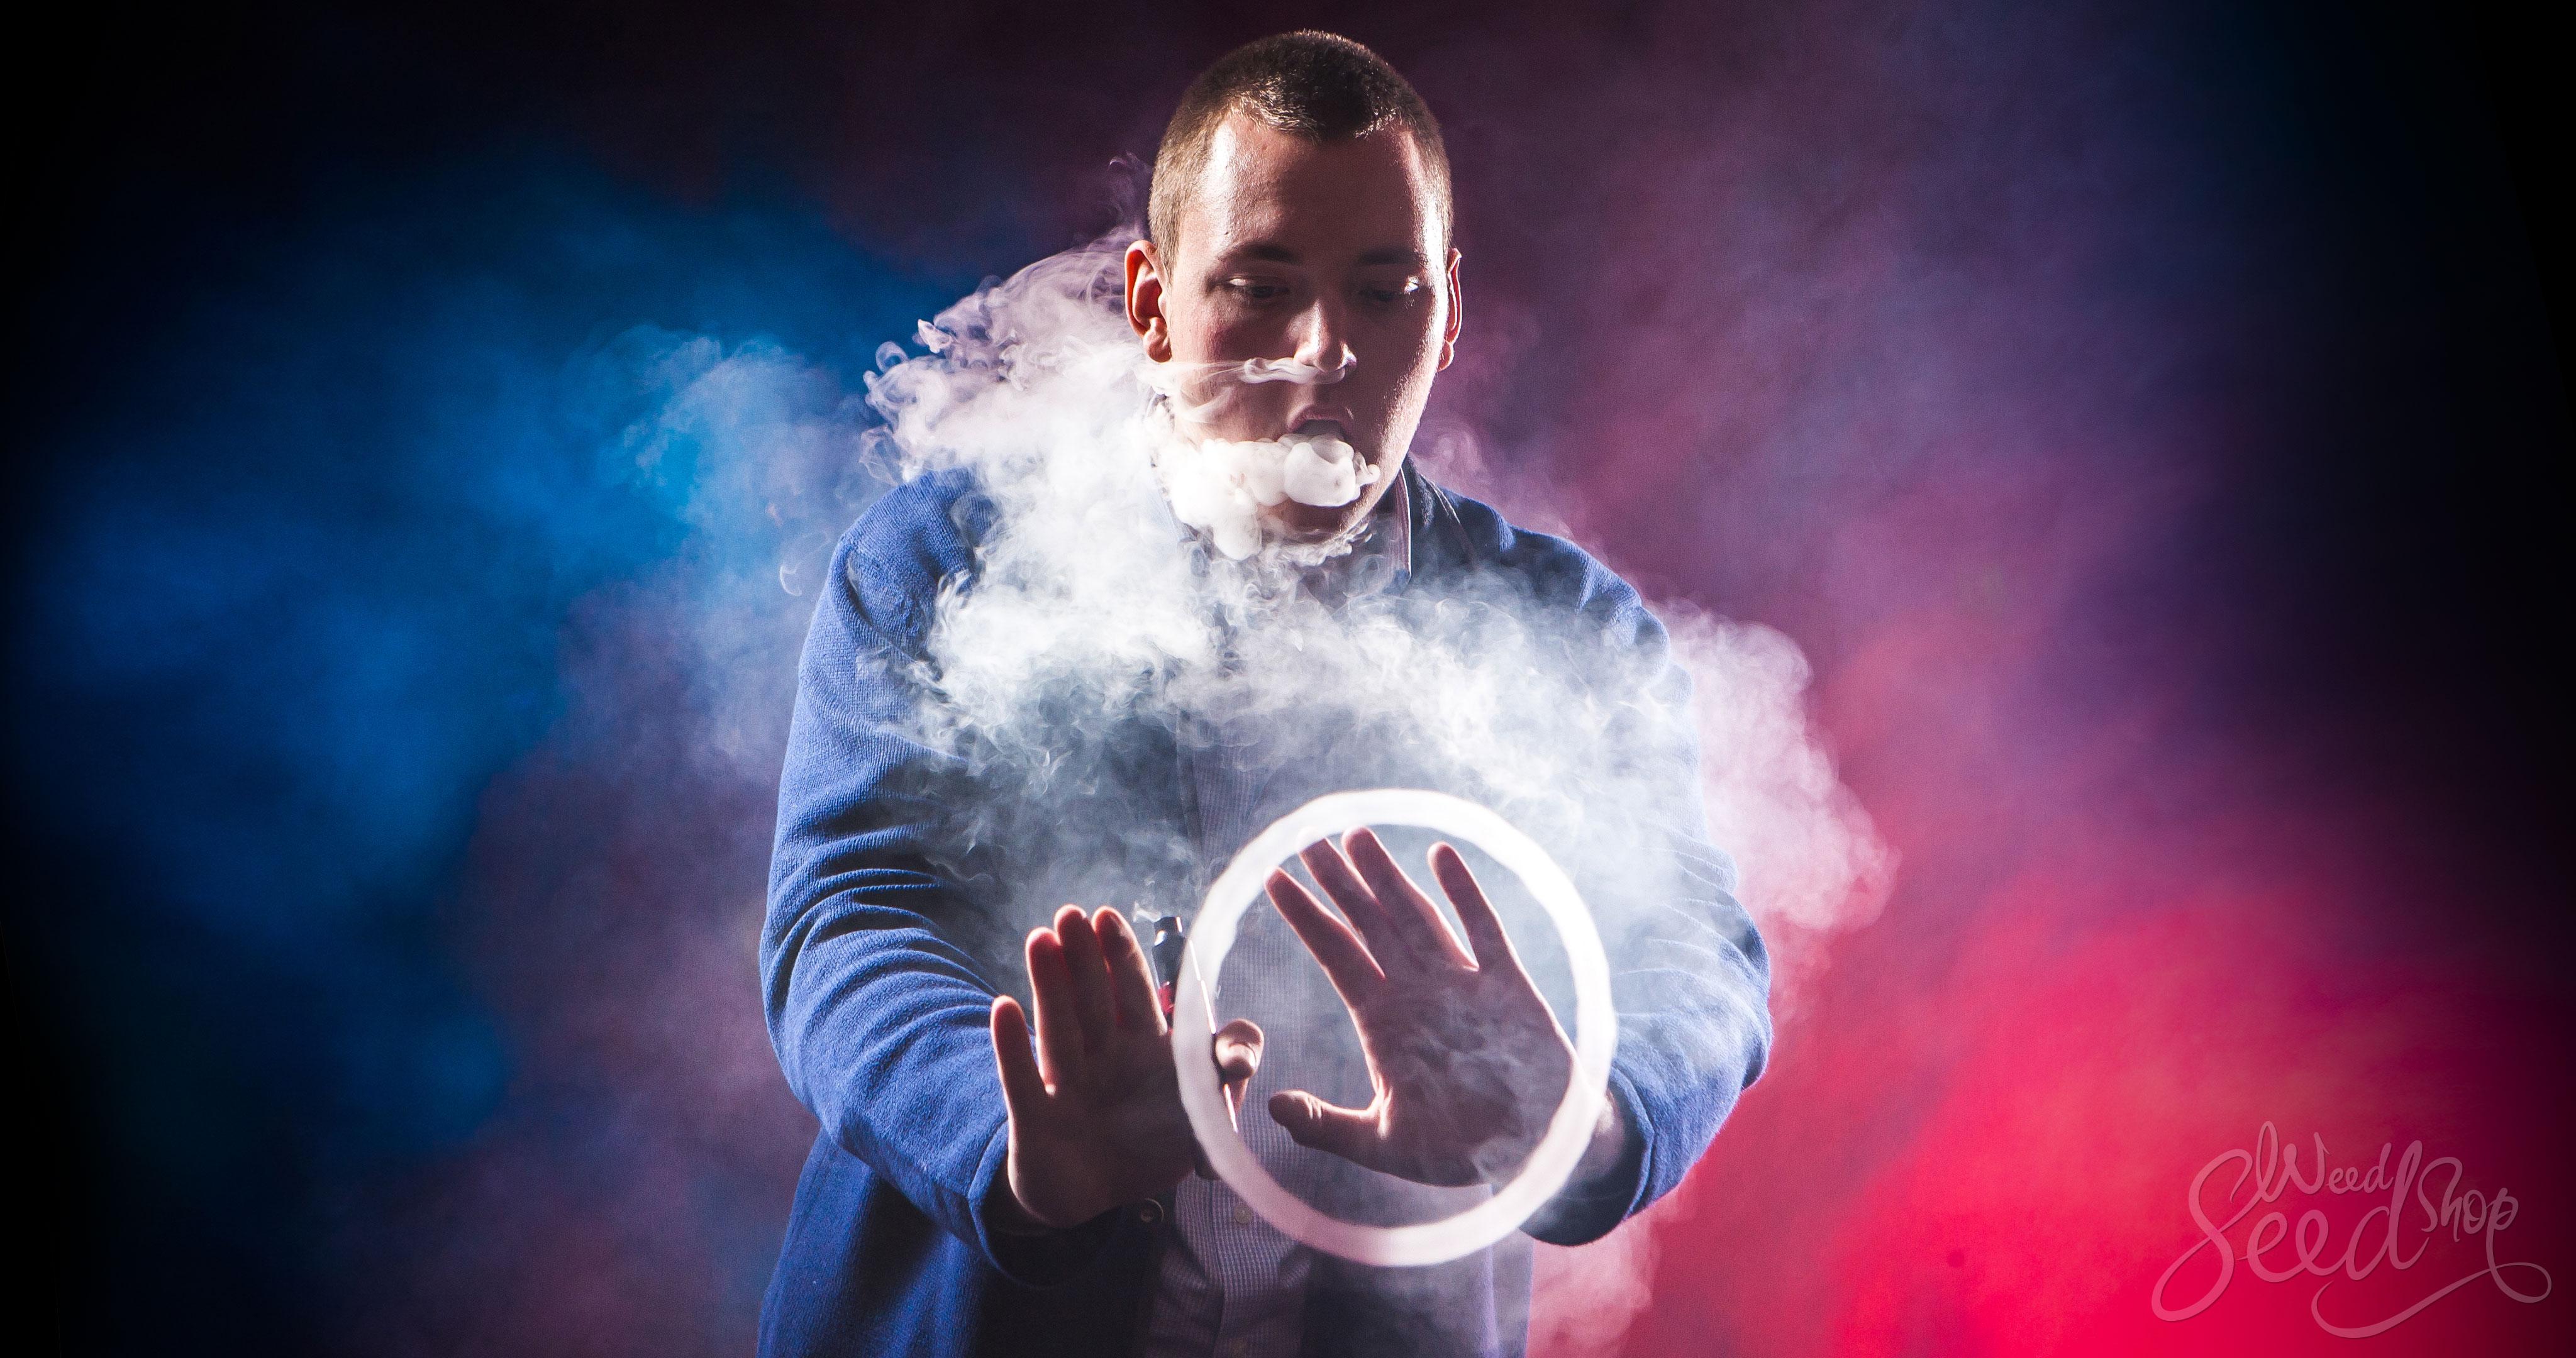 8 trucos de humo que puedes dominar - WeedSeedShop